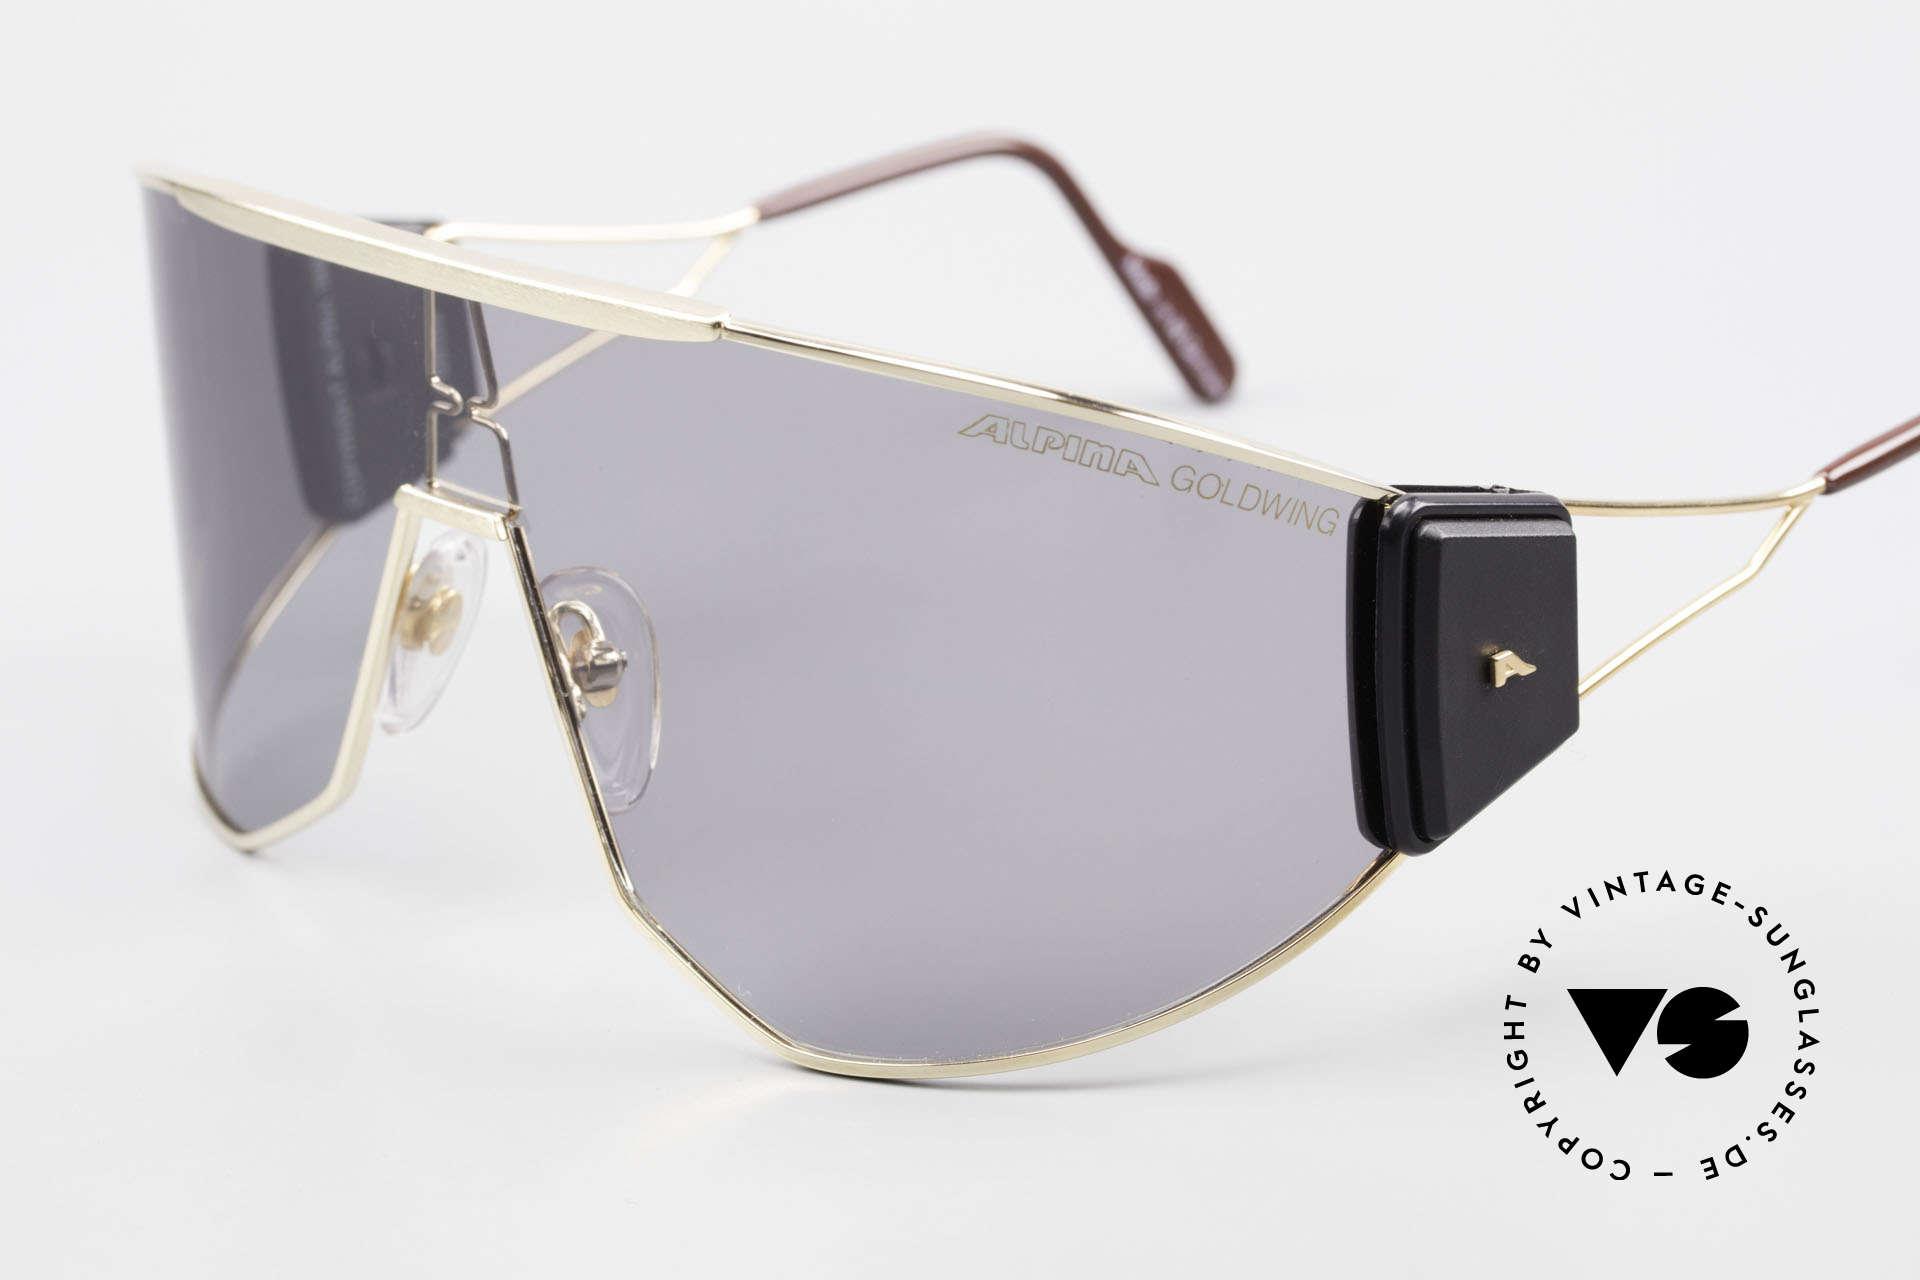 Alpina Goldwing 2nd hand Vintage Sonnenbrille, kleinere Kratzer auf der Scheibe, daher nur 249 Euro!, Passend für Herren und Damen